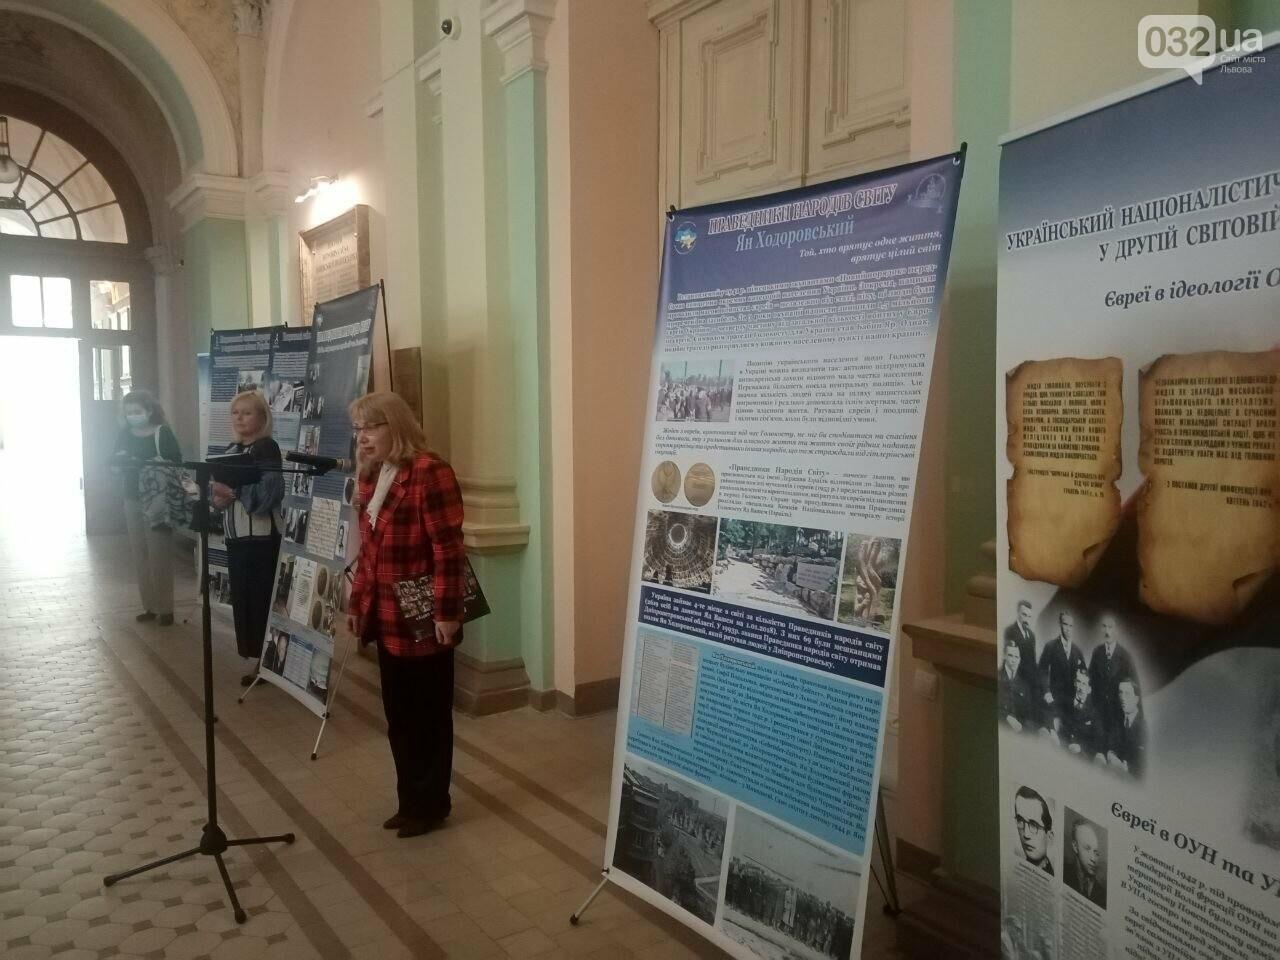 У Львові відкрили виставку, присвячену українцям-рятівникам євреїв під час Голокосту, - ФОТО, фото-7